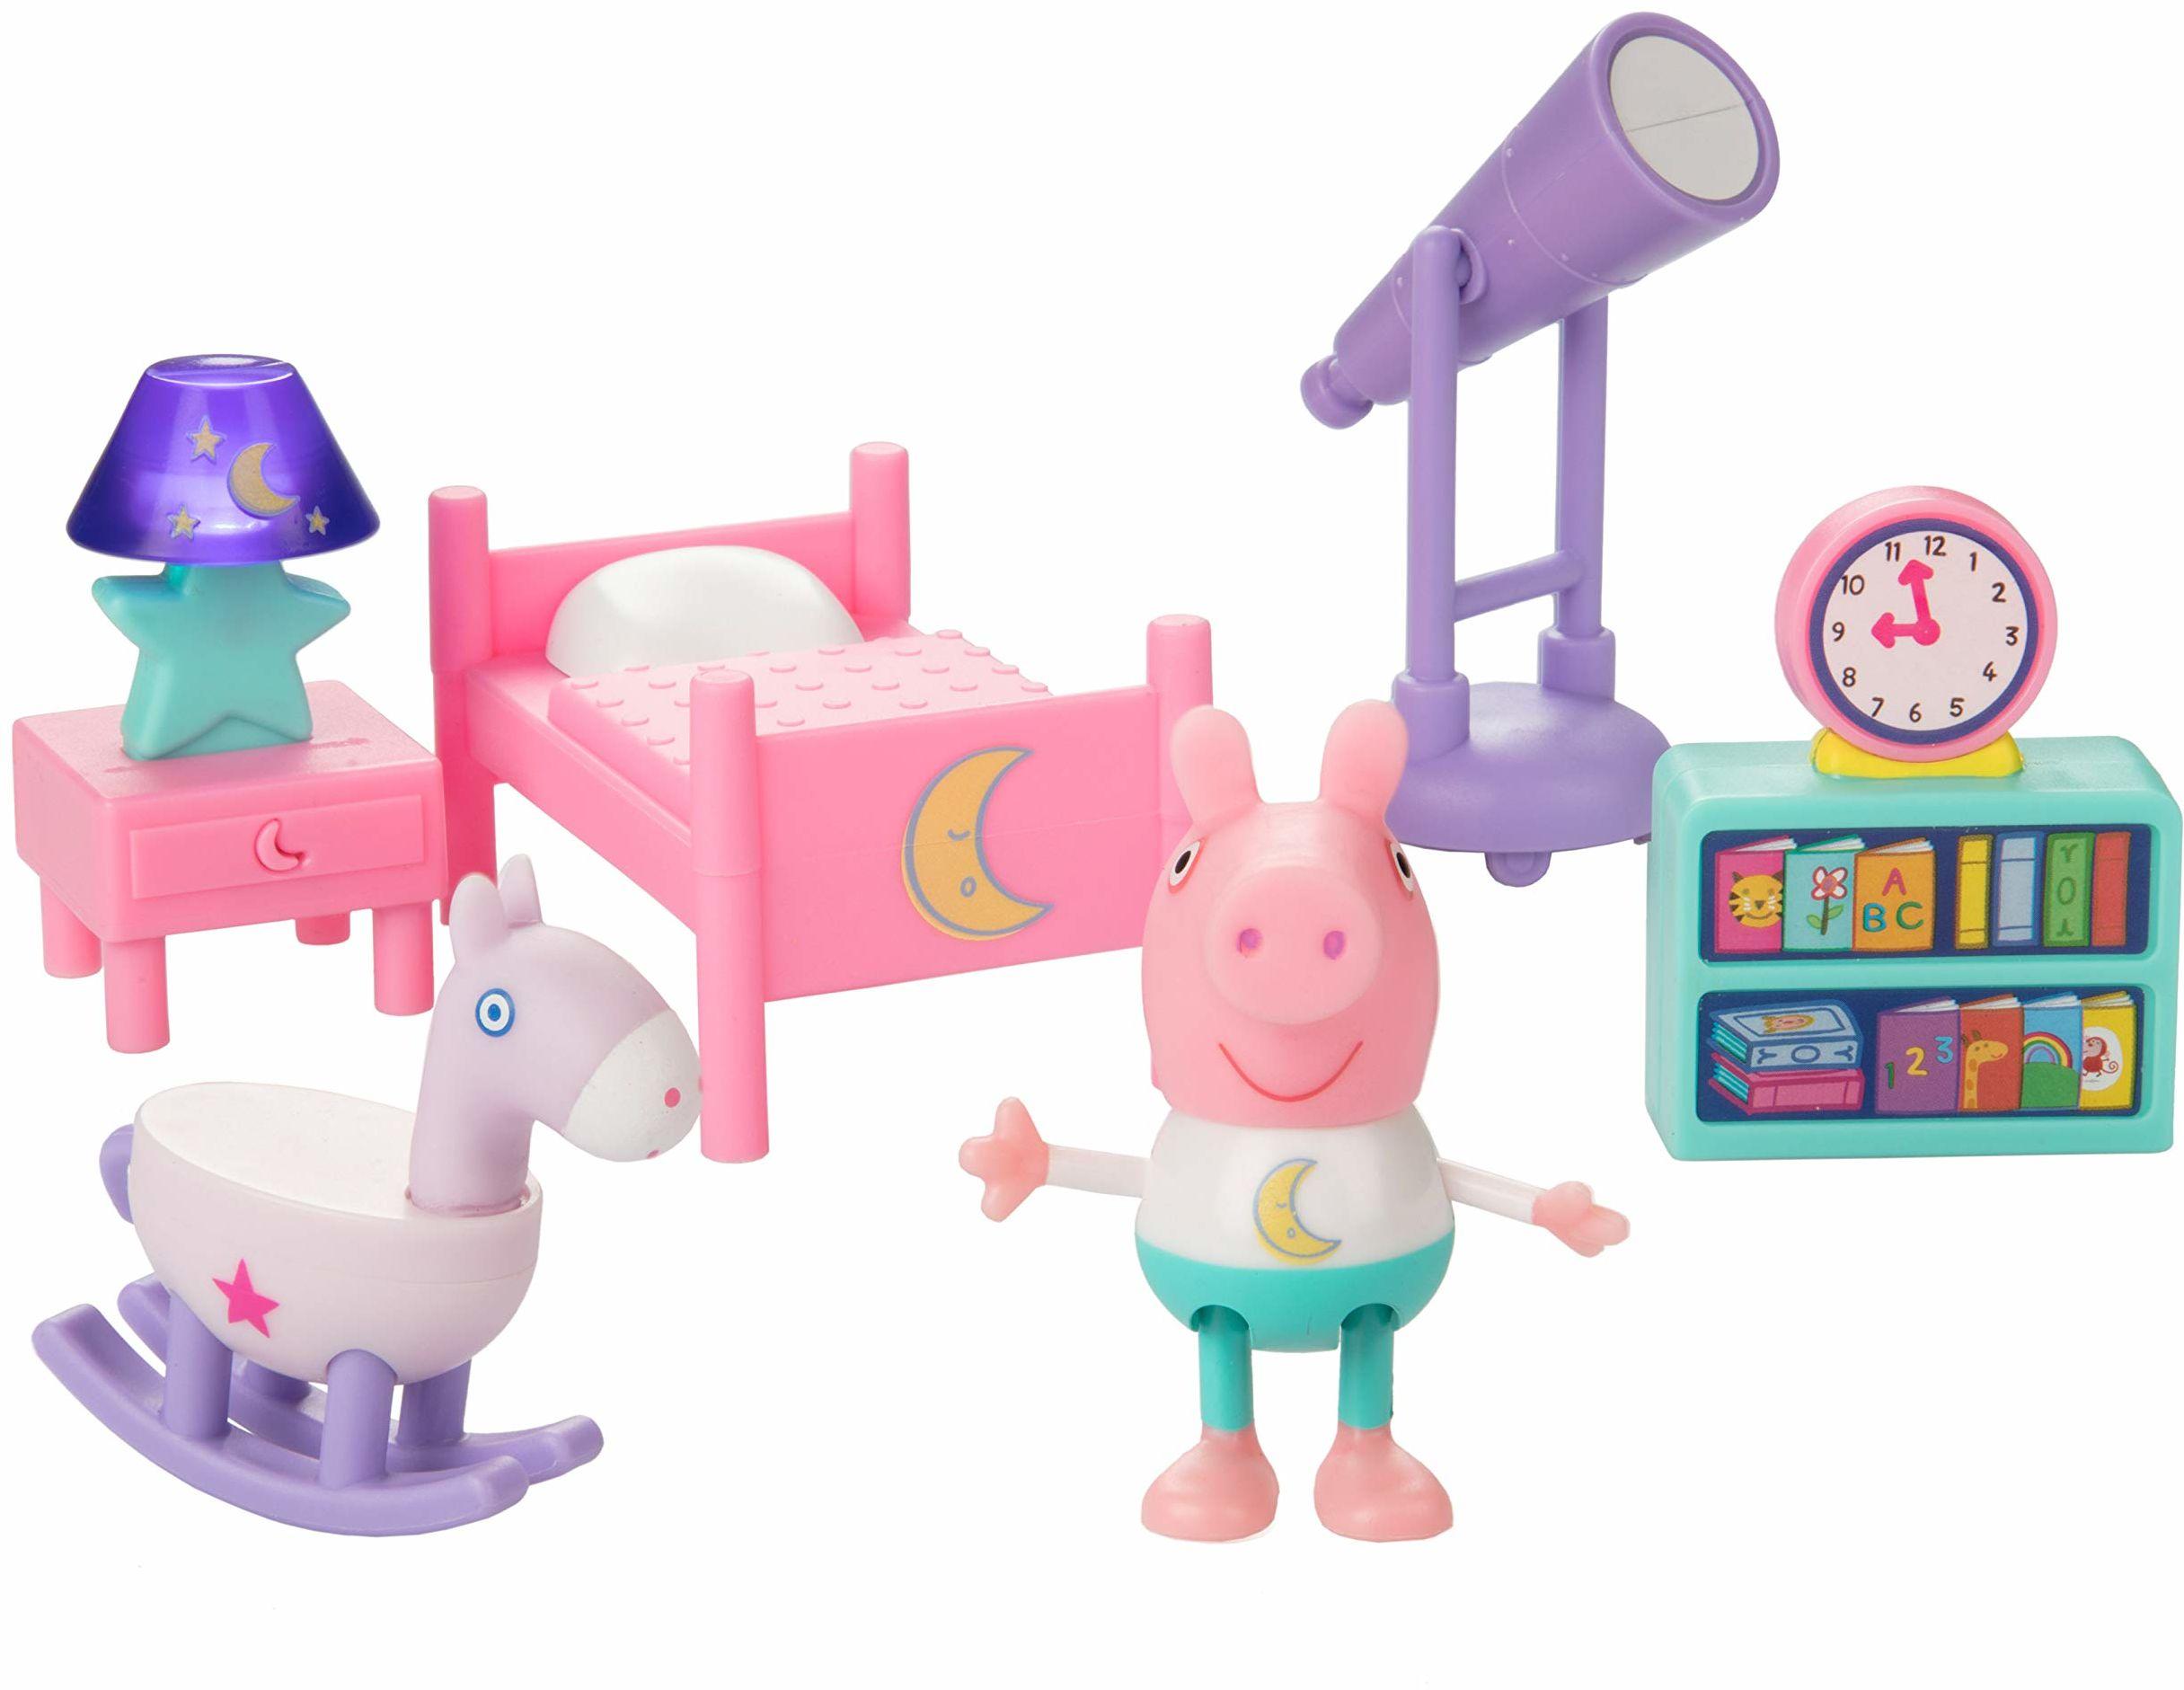 Peppa Pig PEP0560 zestaw figurek do zabawy w stylu Peppa